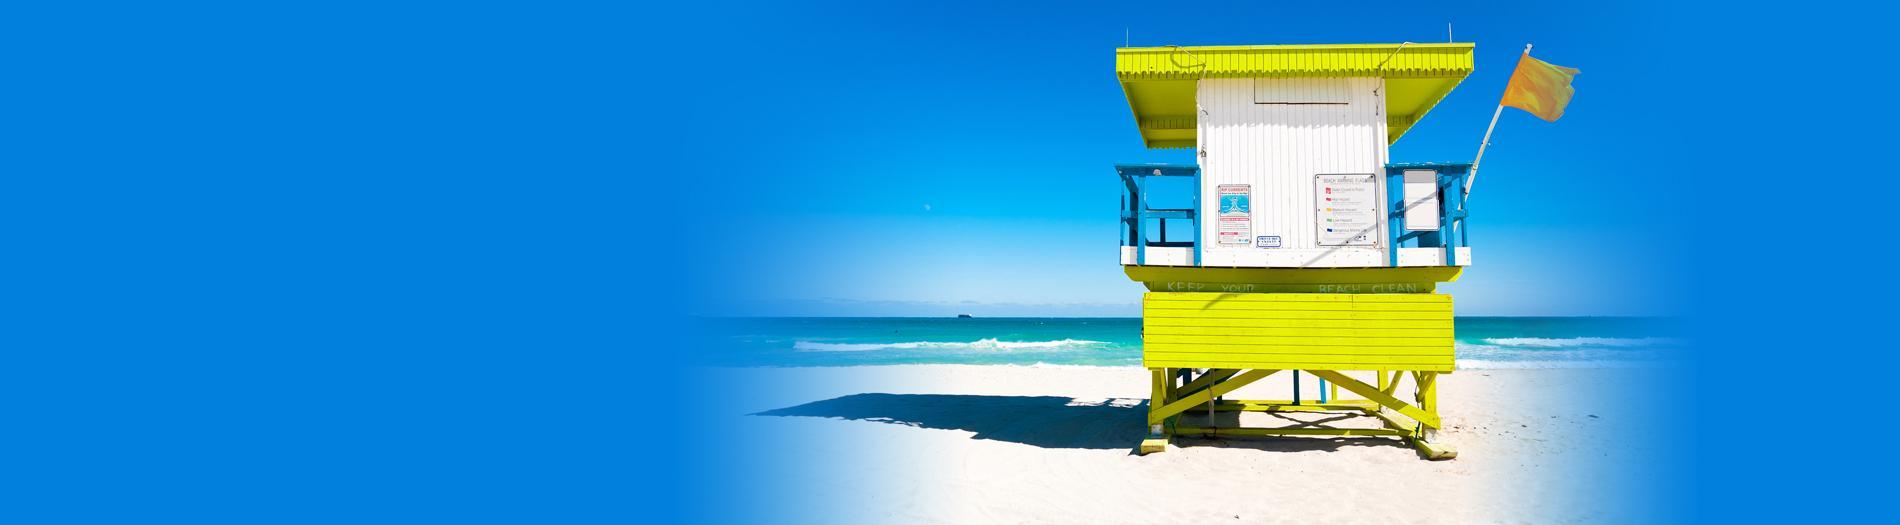 CHLA-Top-Summer-Safety-Tips-HP-Desktop-Mobile.jpg